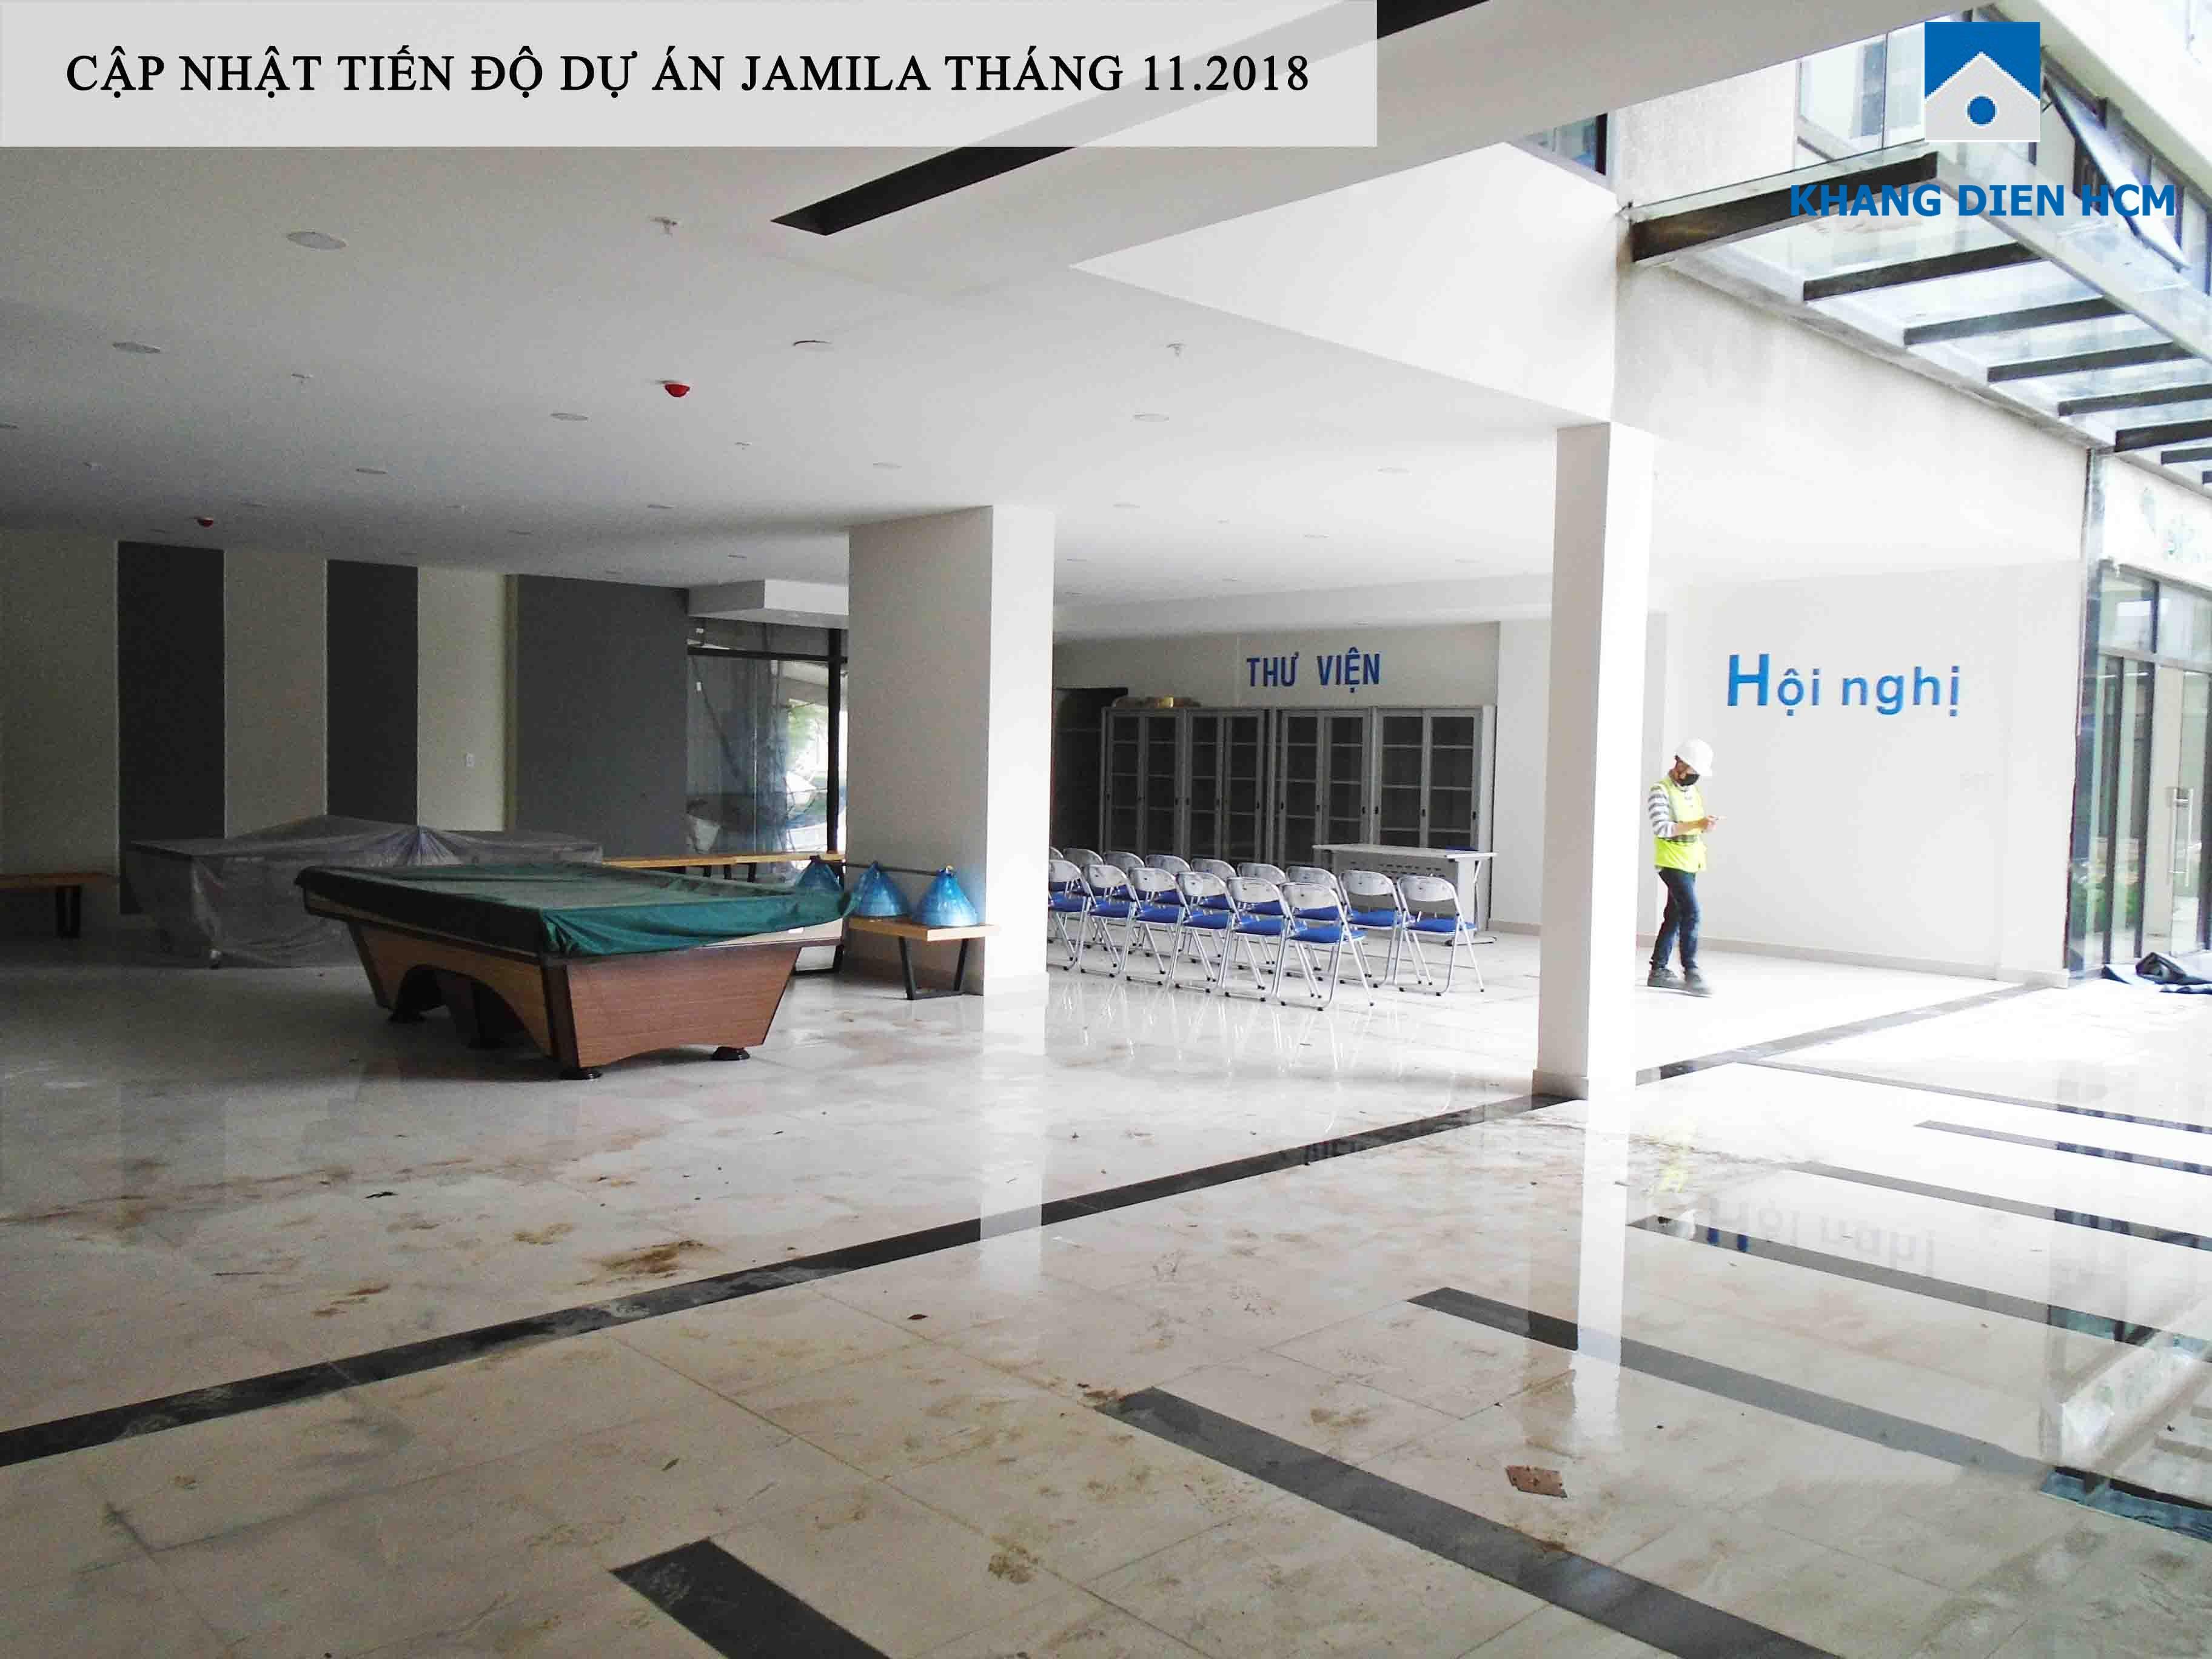 Một góc khác của phòng sinh hoạt cộng đồng và các tiện ích chung phục vụ cư dân - Khang Điền HCM